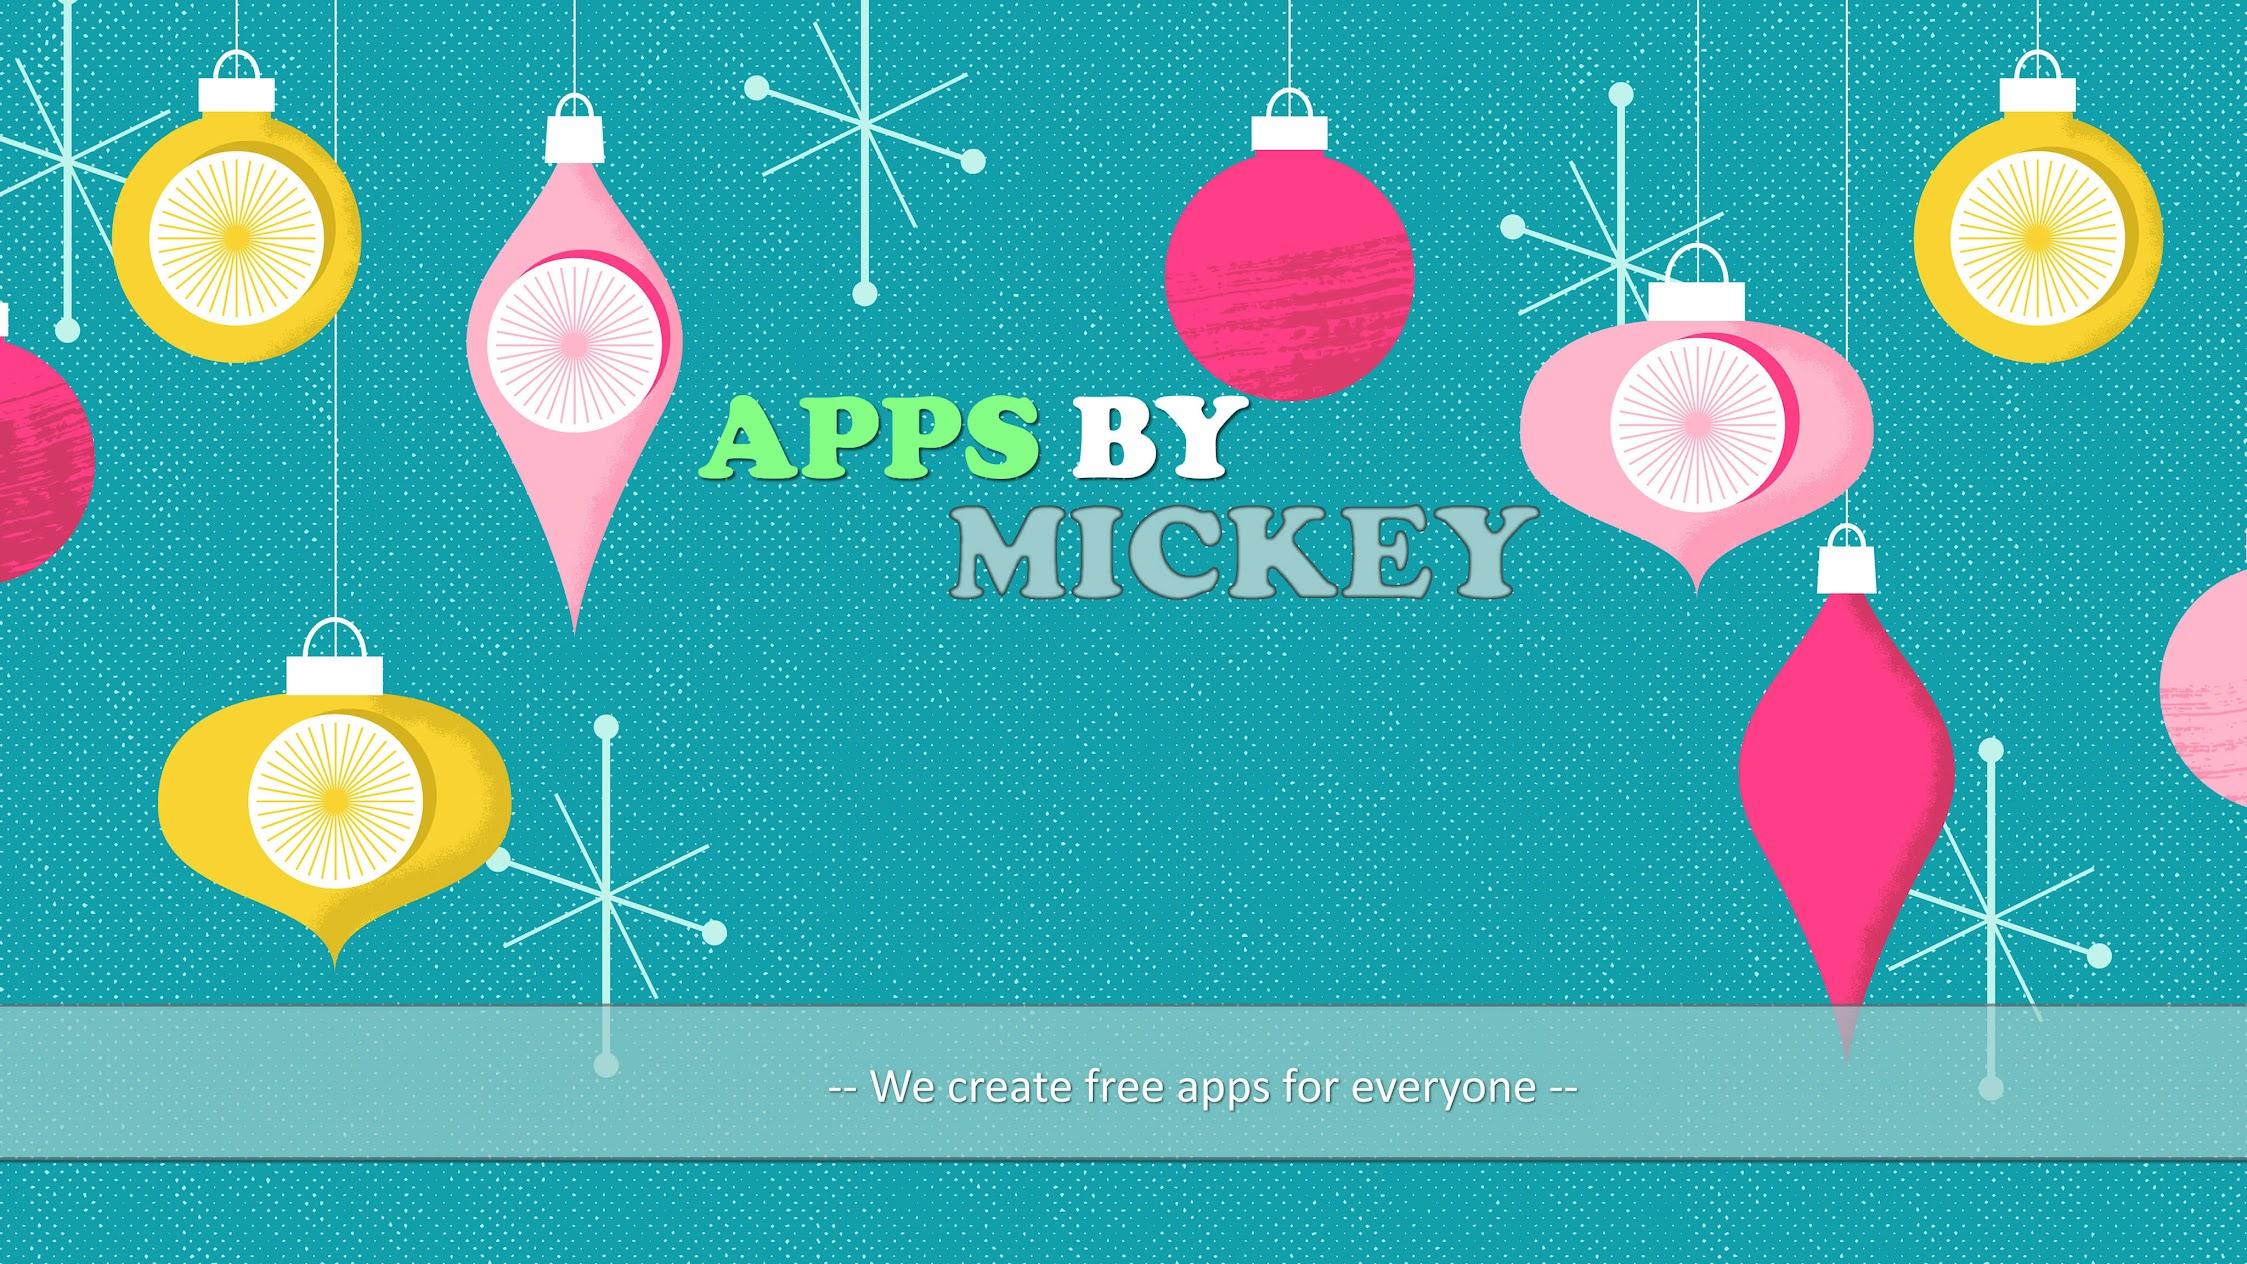 AppsByMickey